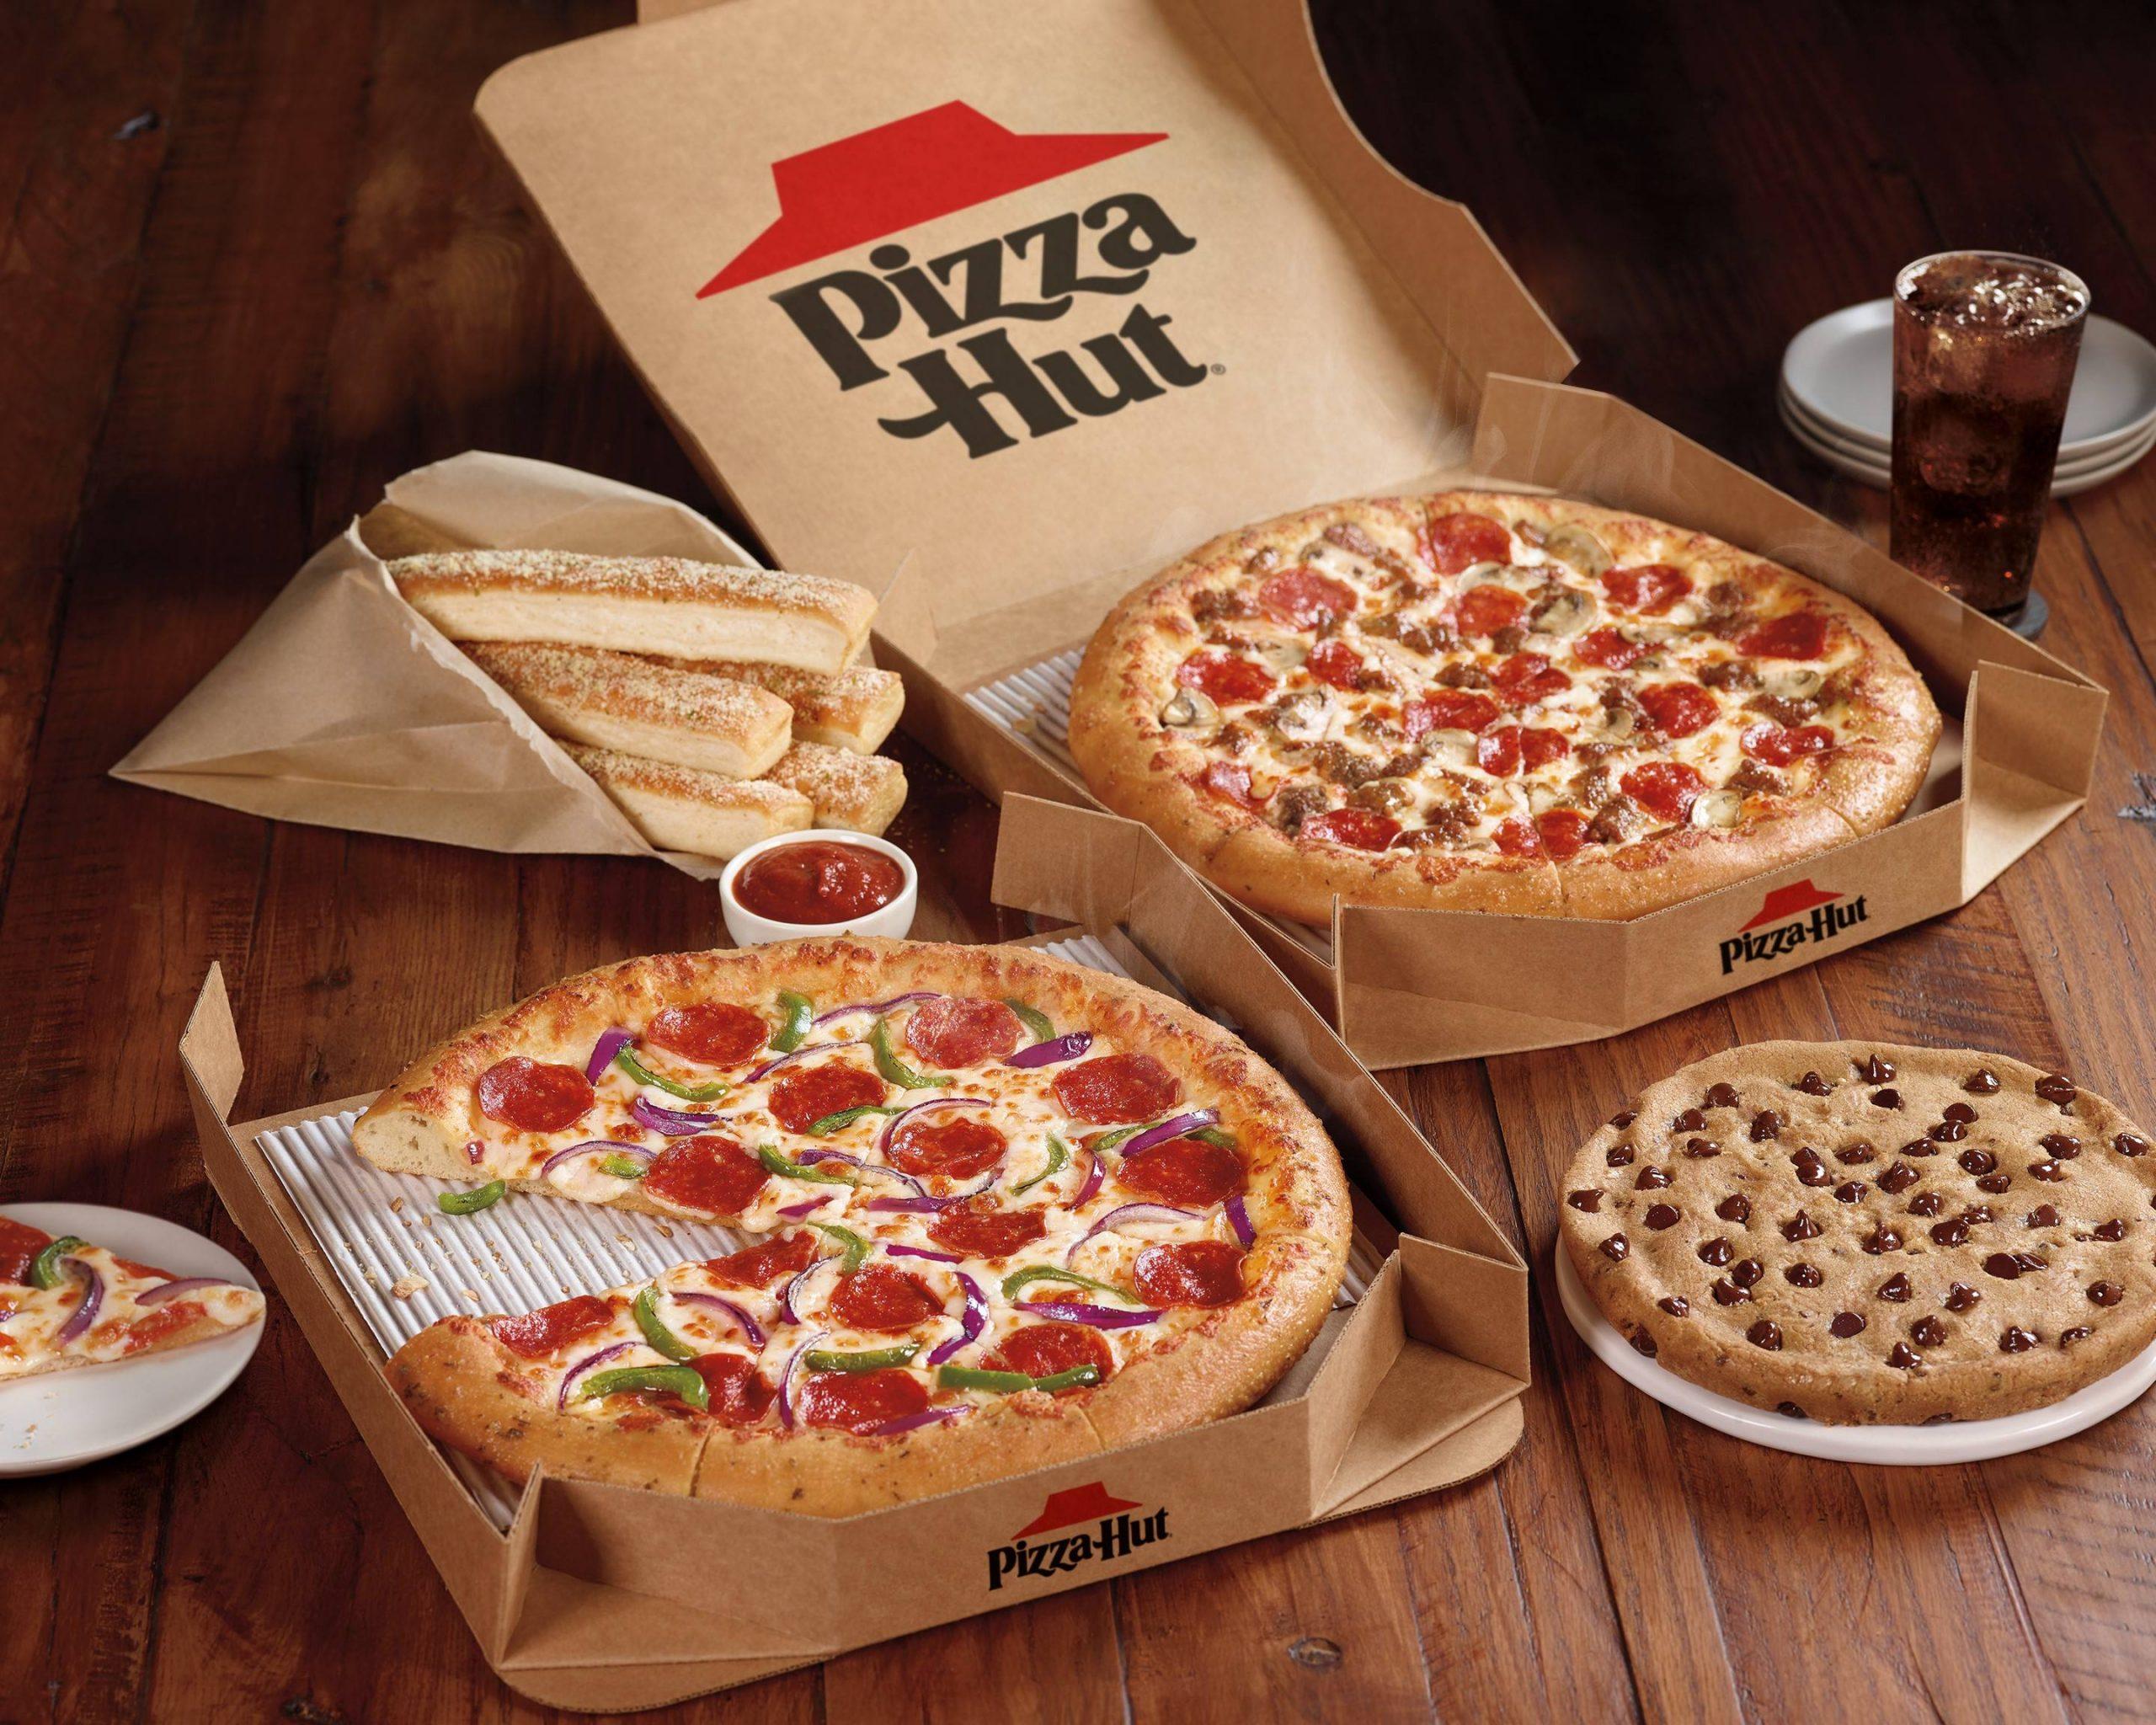 Pizza Hut- Sự đi xuống của một cái tên tưởng như đã bất khả xâm phạm- marketingreview.vn 2